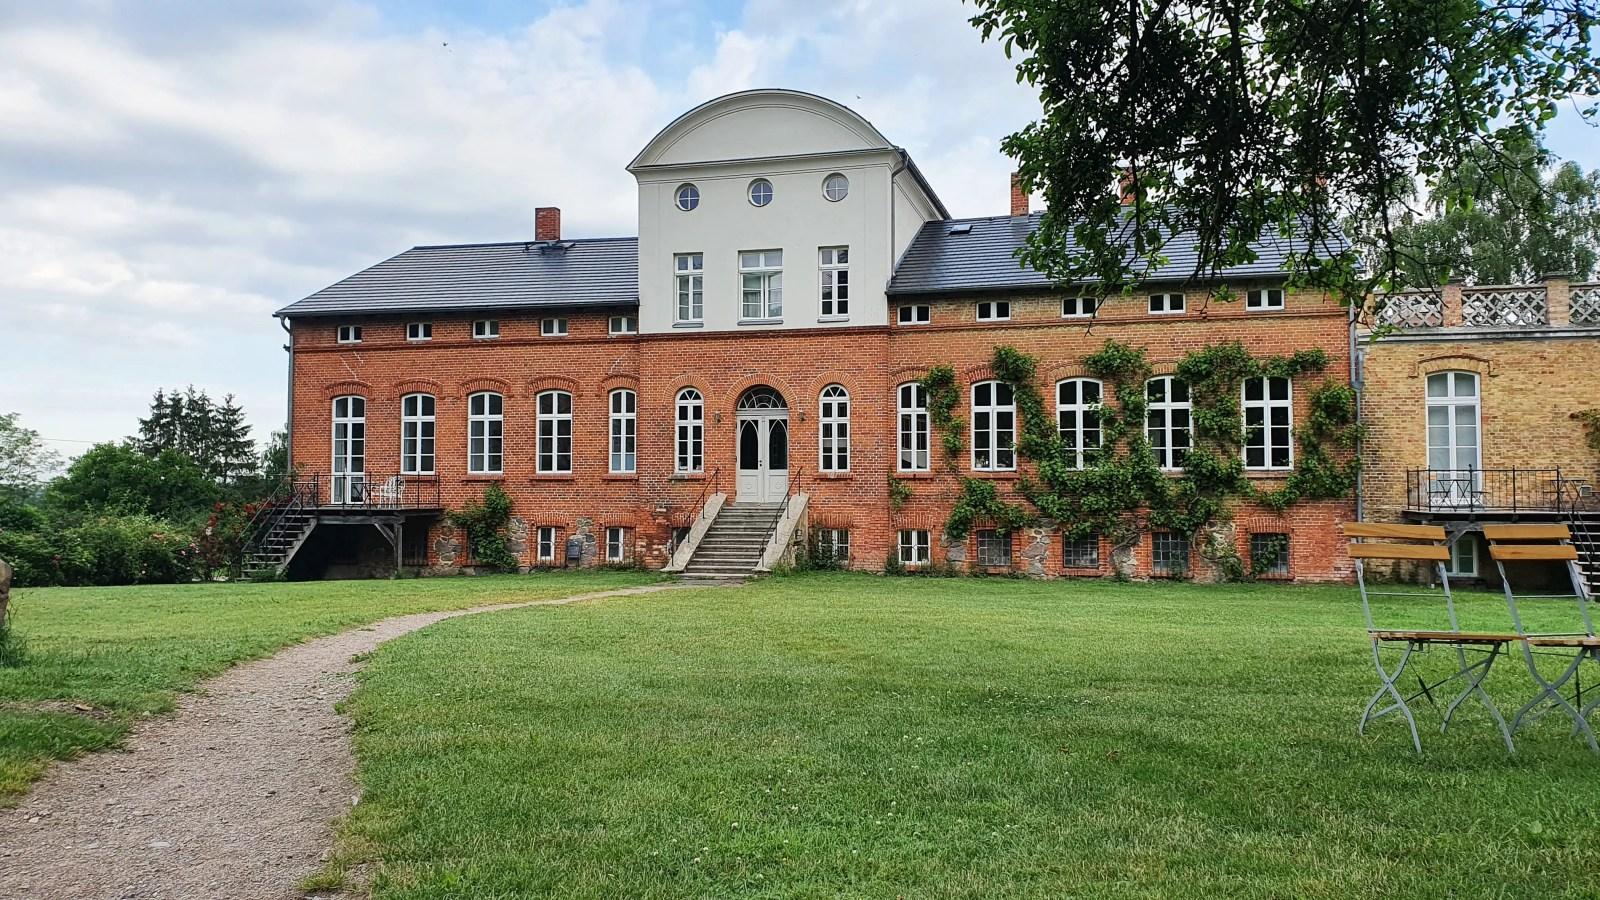 Blick auf das Gut Pohnstorf, Urlaub im Gutshaus, Ferien im Schloss in Mecklenburg-Vorpommern, Übernachten in einem Gutshaus